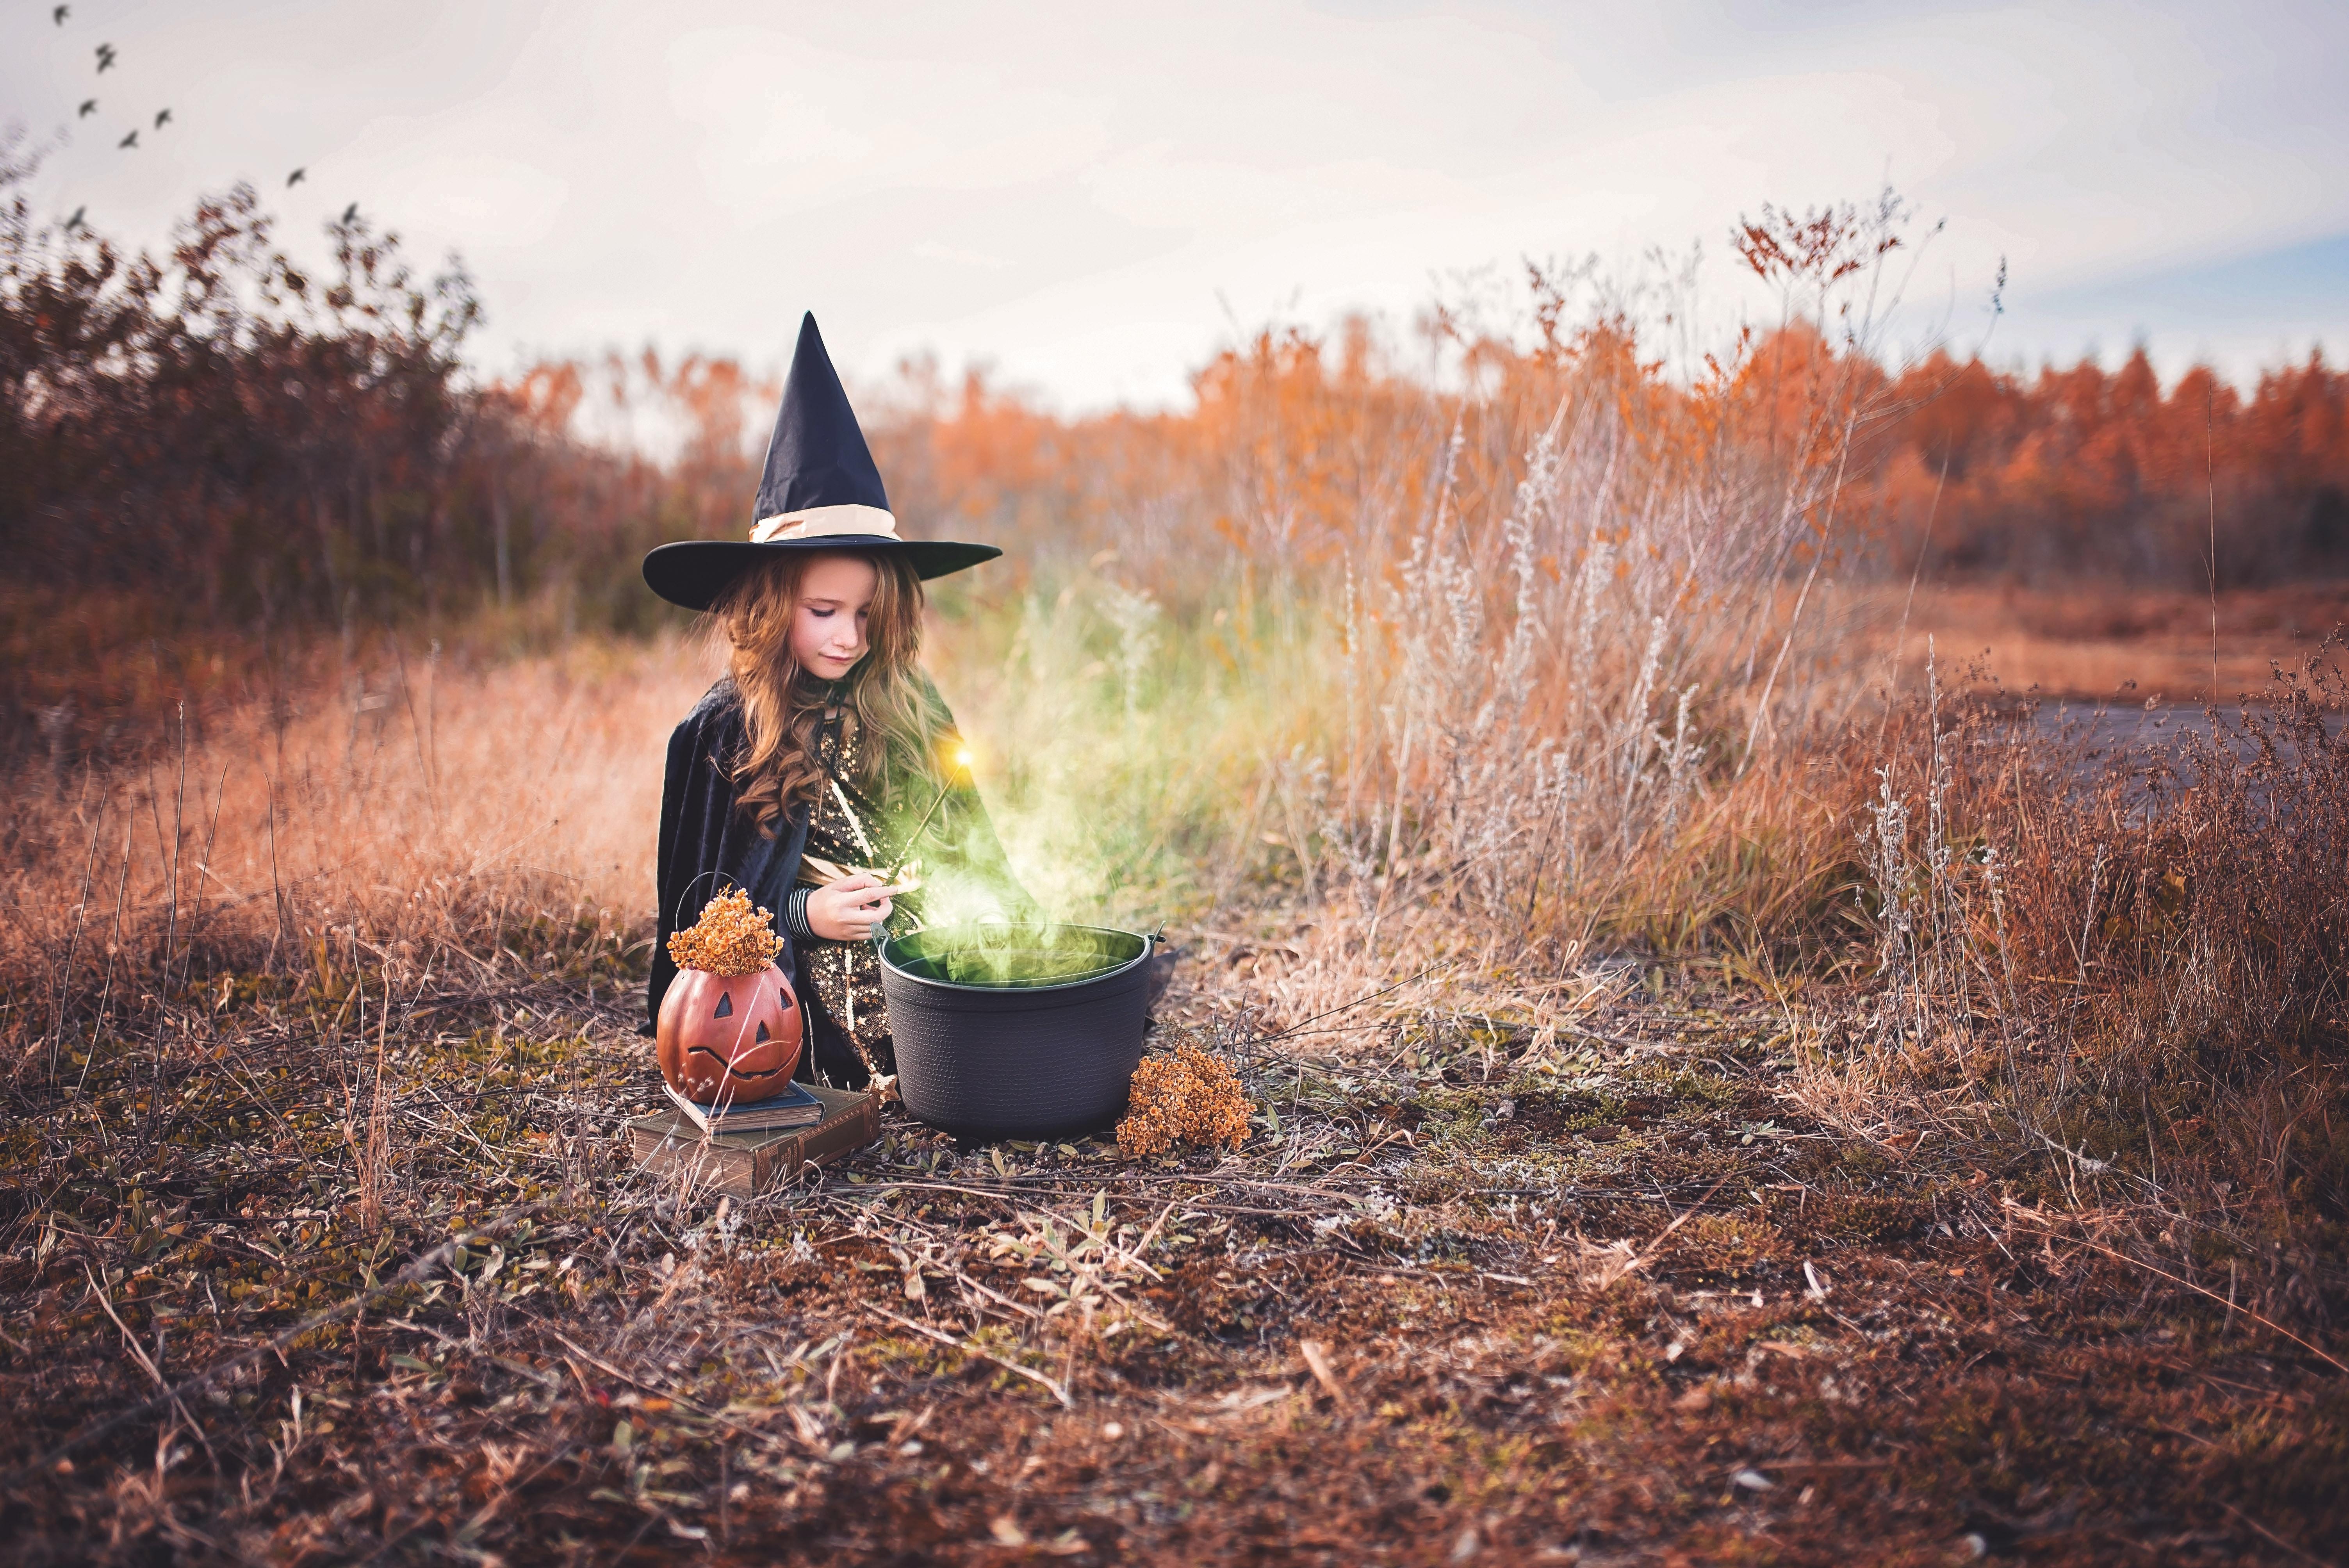 Hocus Pocus? The Economic Spell of Witchcraft